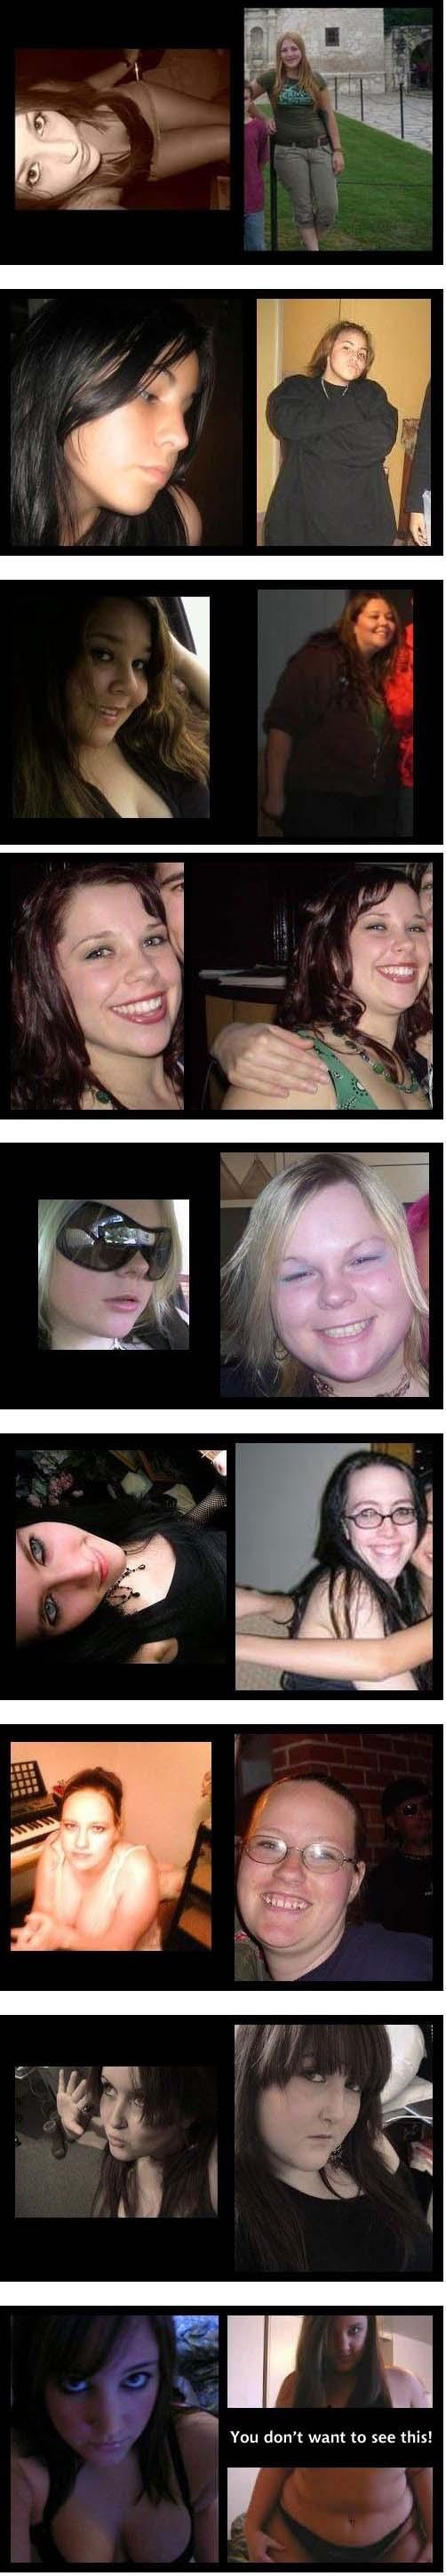 Obrázek profilnaFacebookuverzusrealita